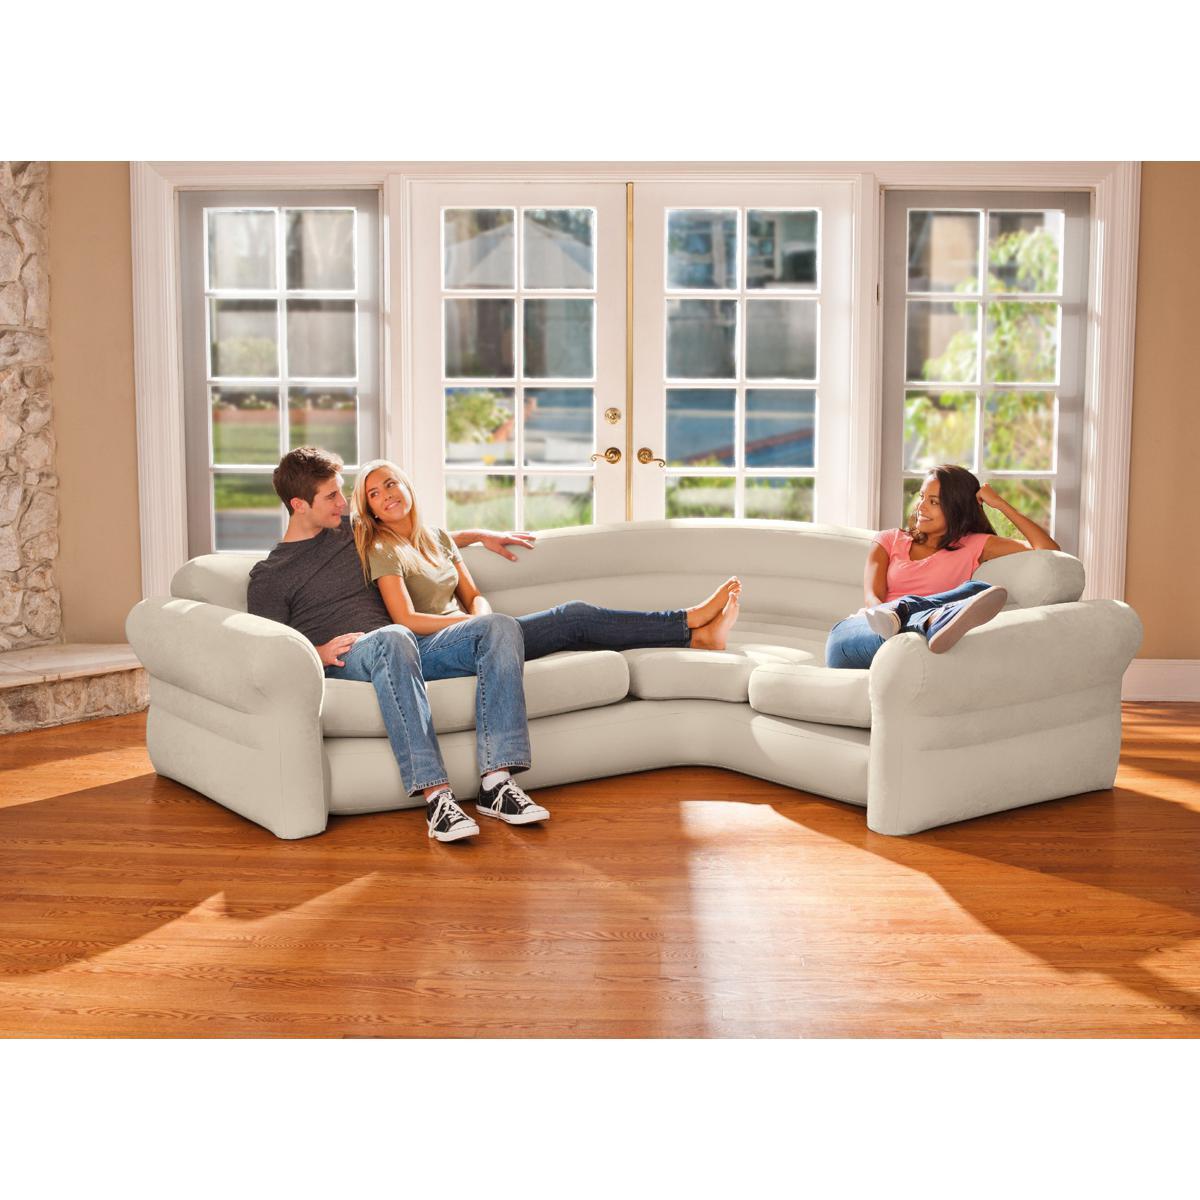 Intex Canapé Sofa d'angle gonflable - Intex